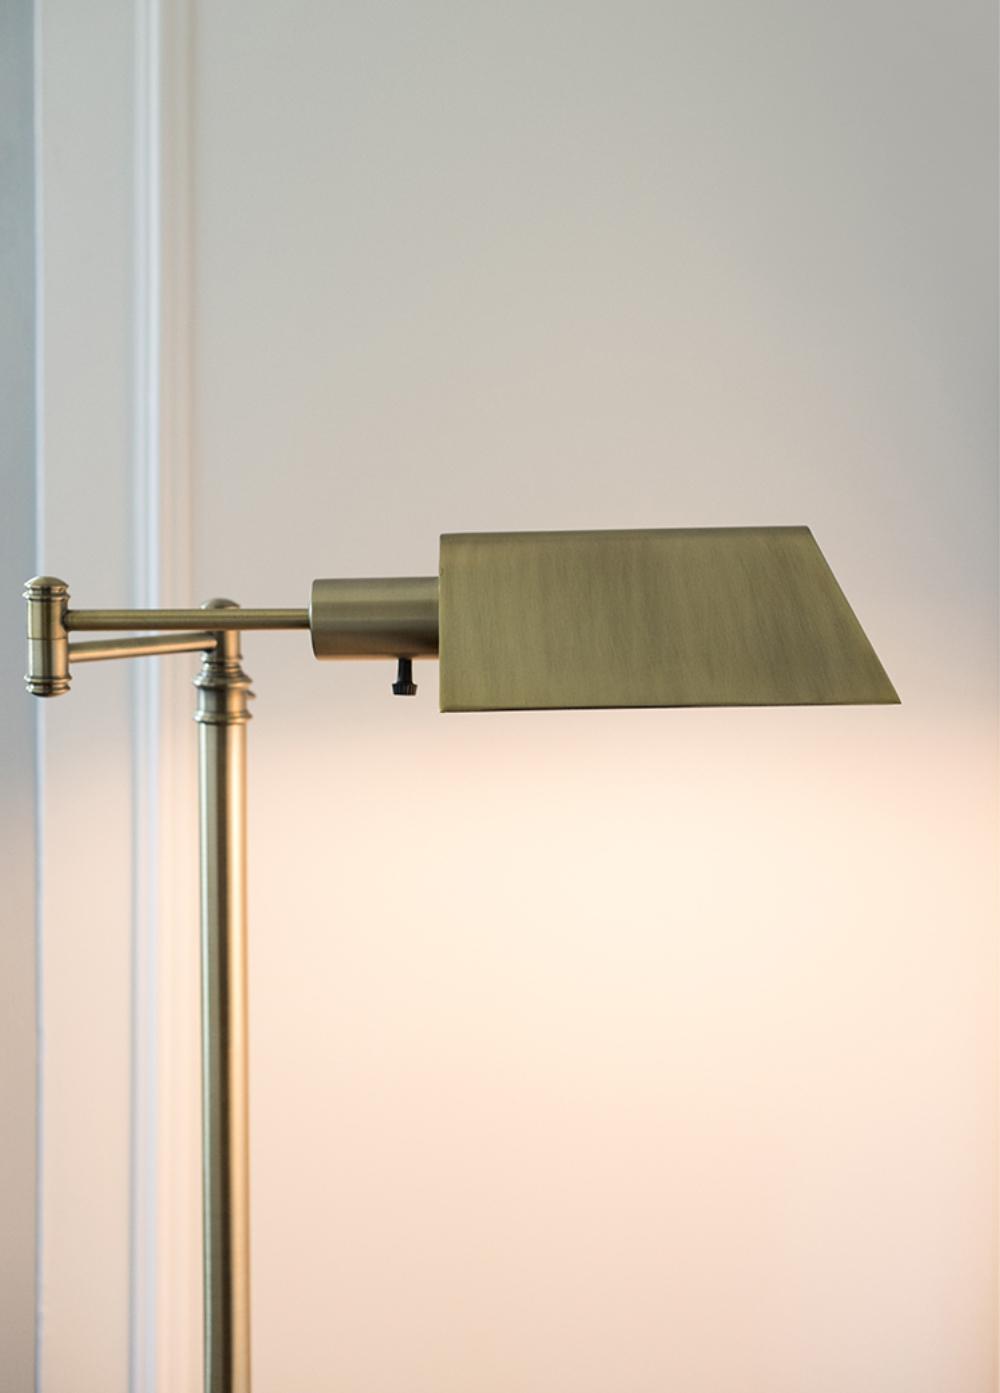 Dizajnerski trik: Temperatura svjetlosti i žarulje - roomfortuesday.com